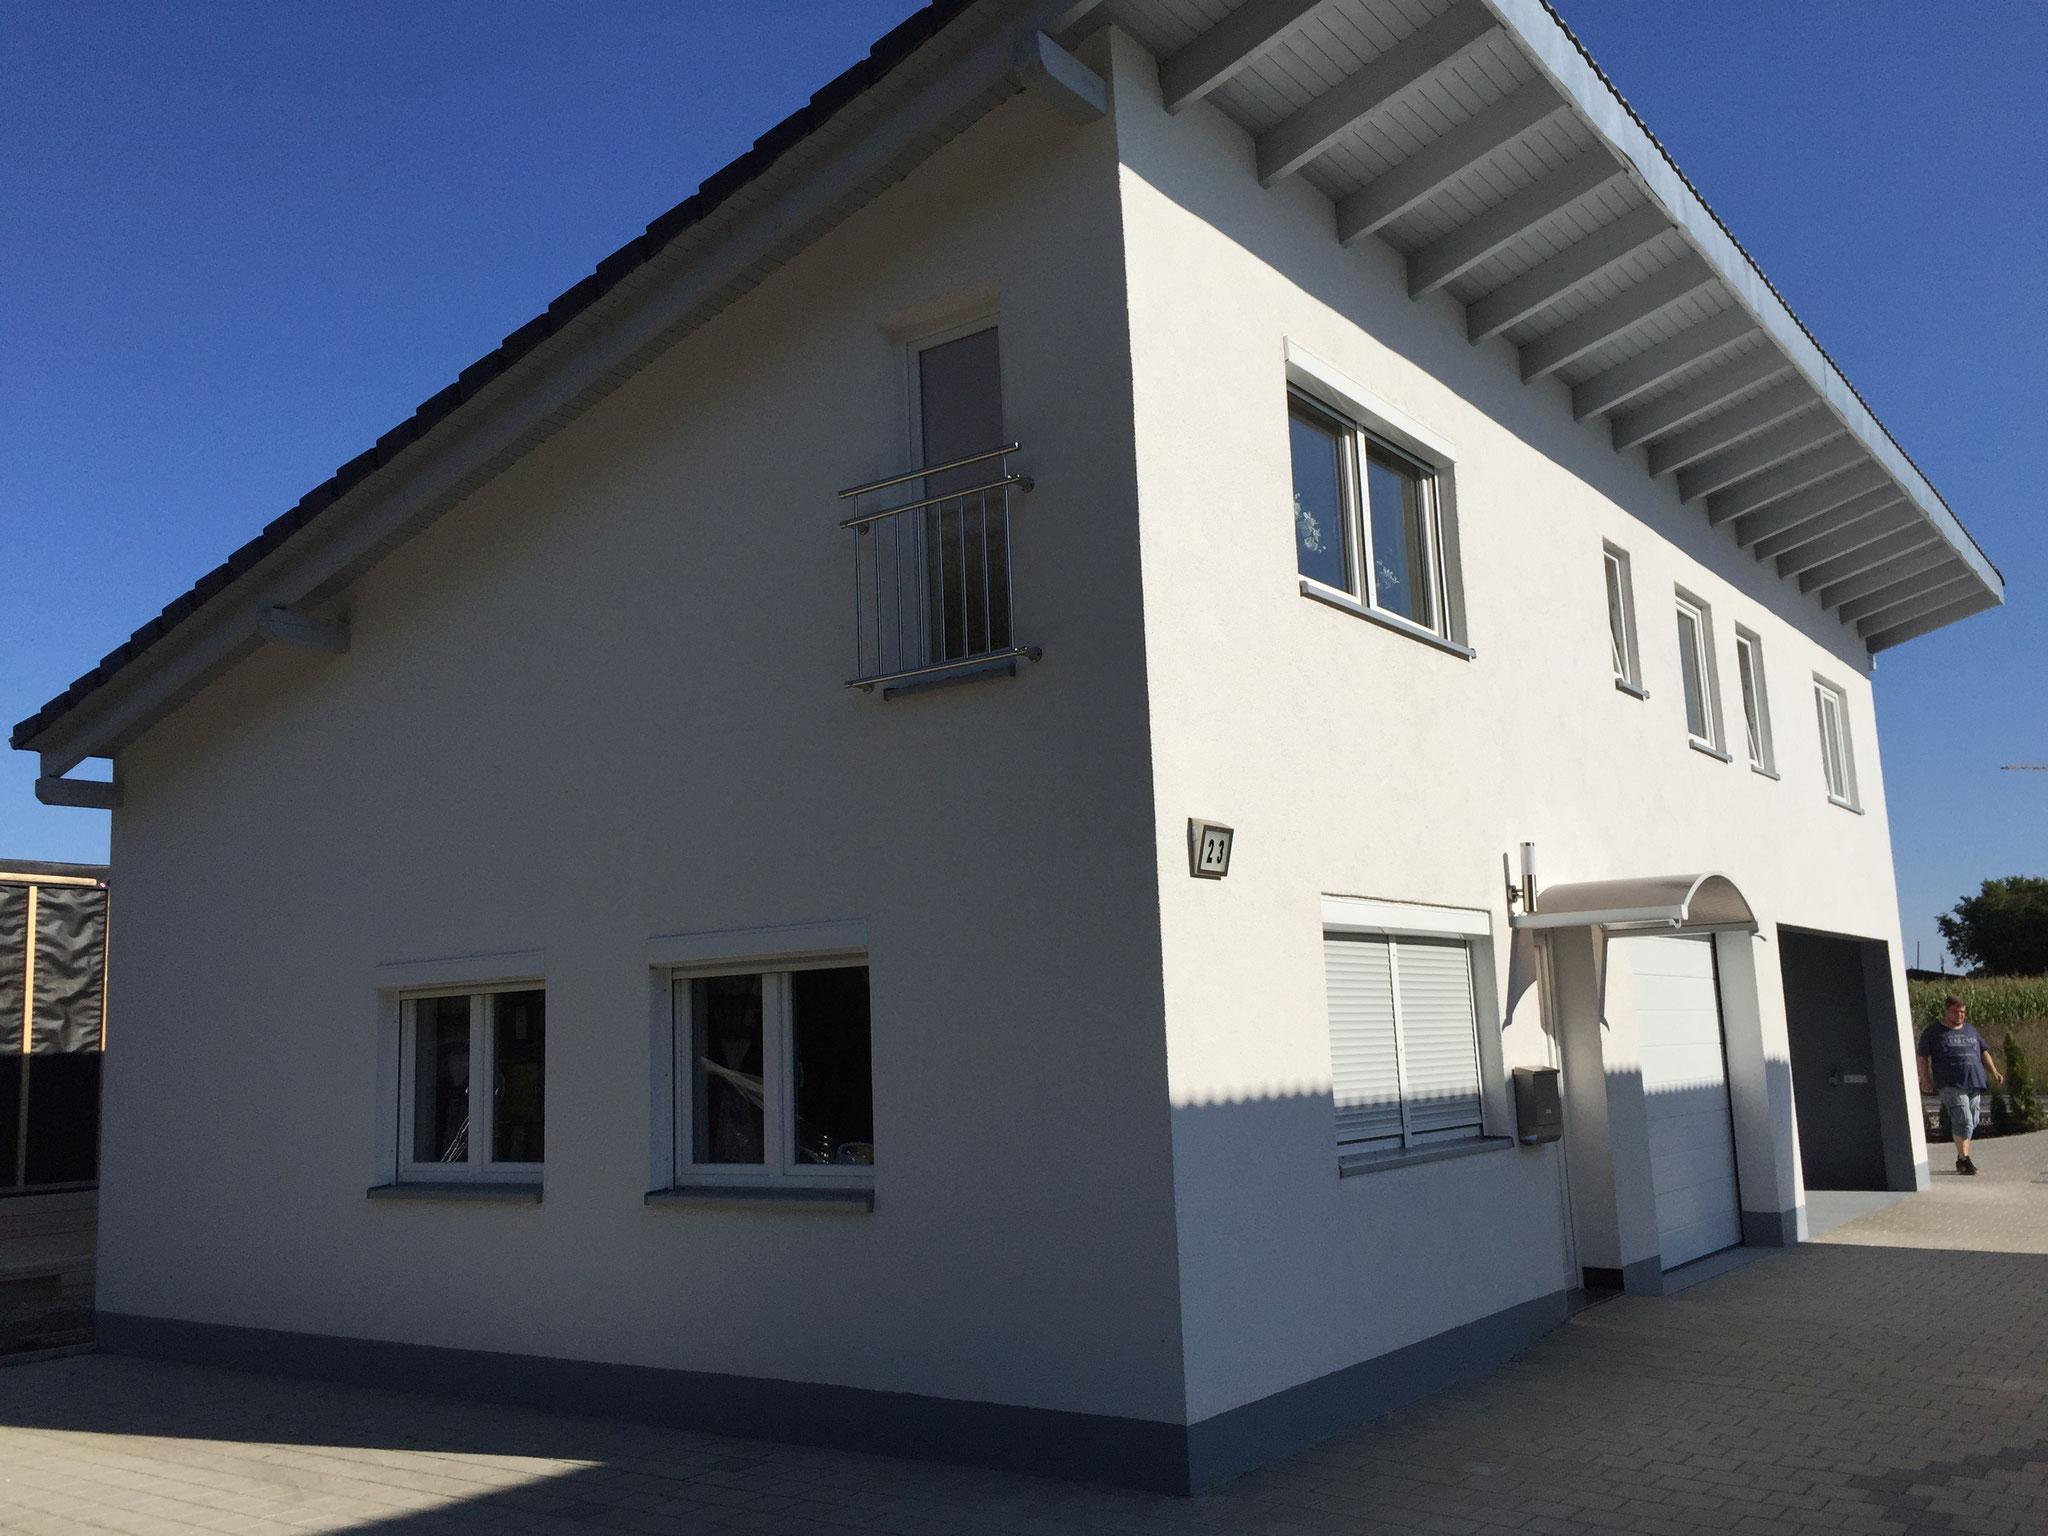 Unser Betriebshof, Beim Bildsäule 25 in Laupheim